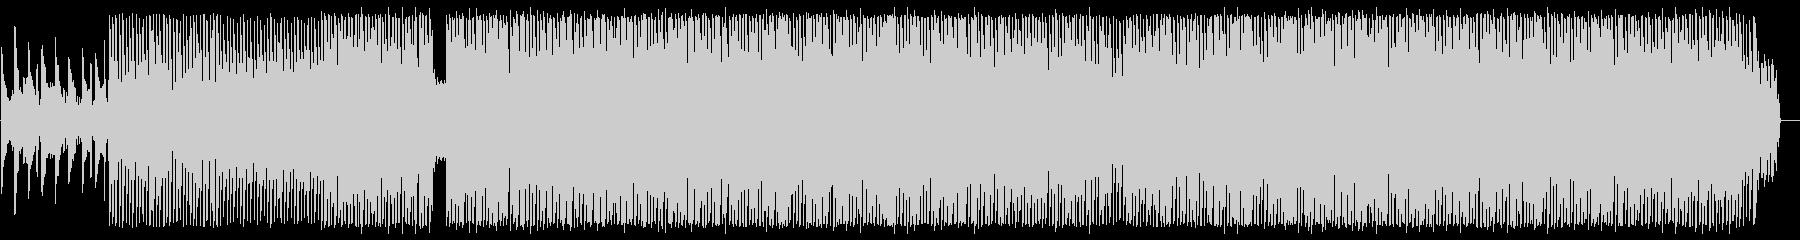 ピアノの旋律が美しいユーロ系テクノの未再生の波形